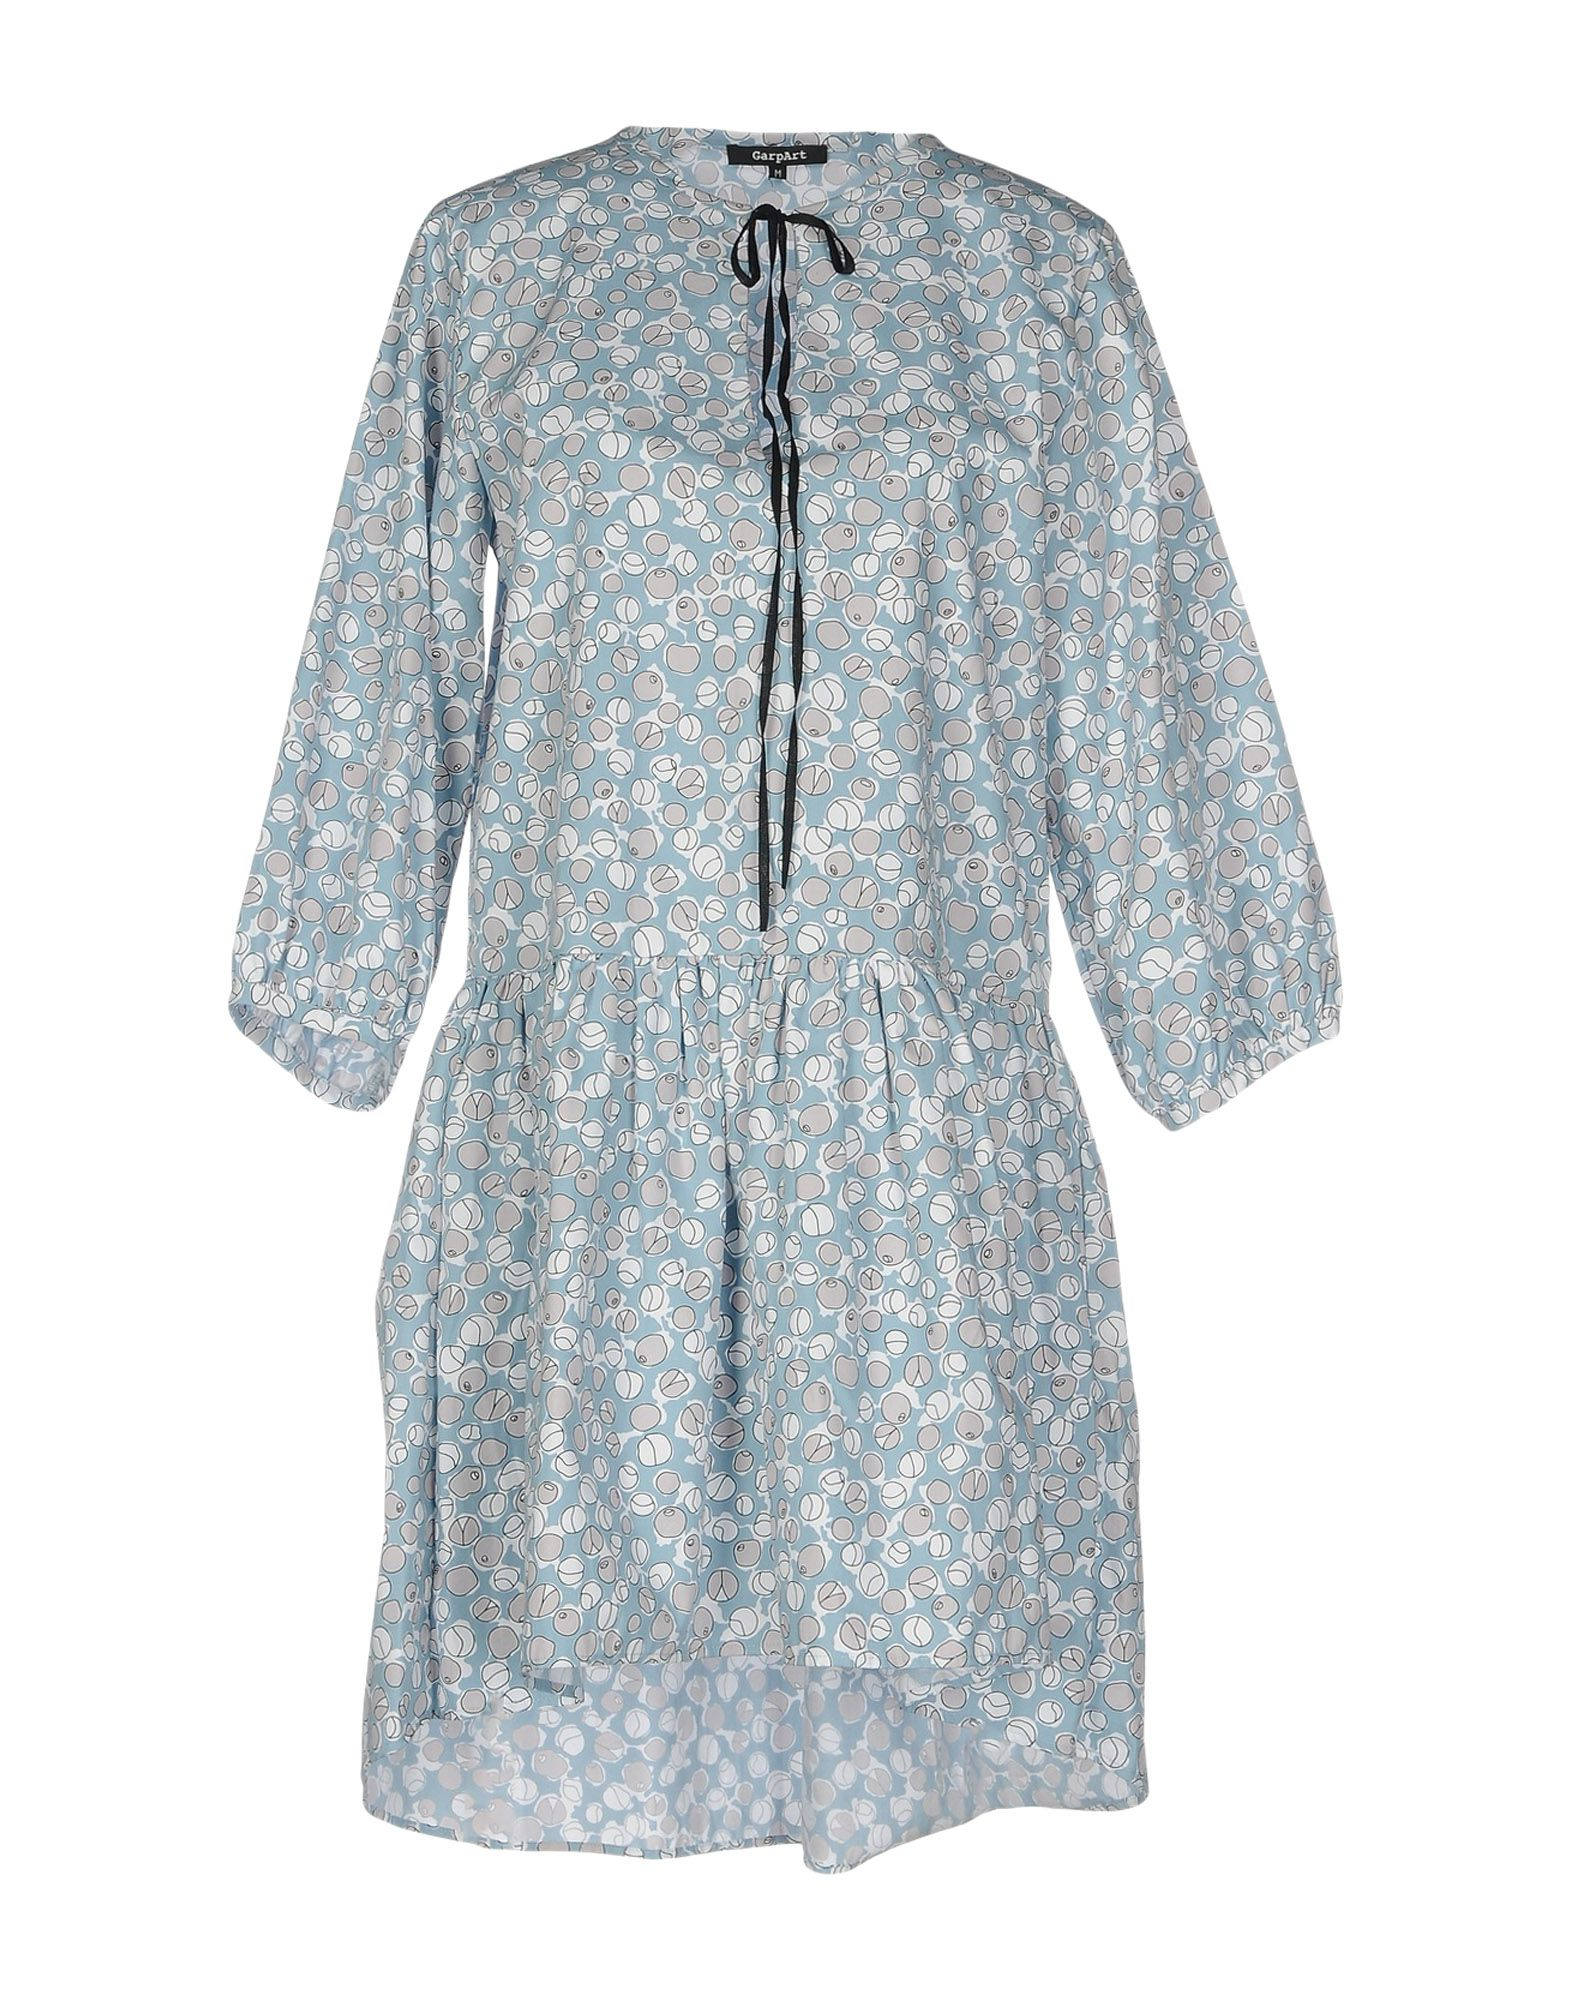 GARPART Short Dress in Slate Blue